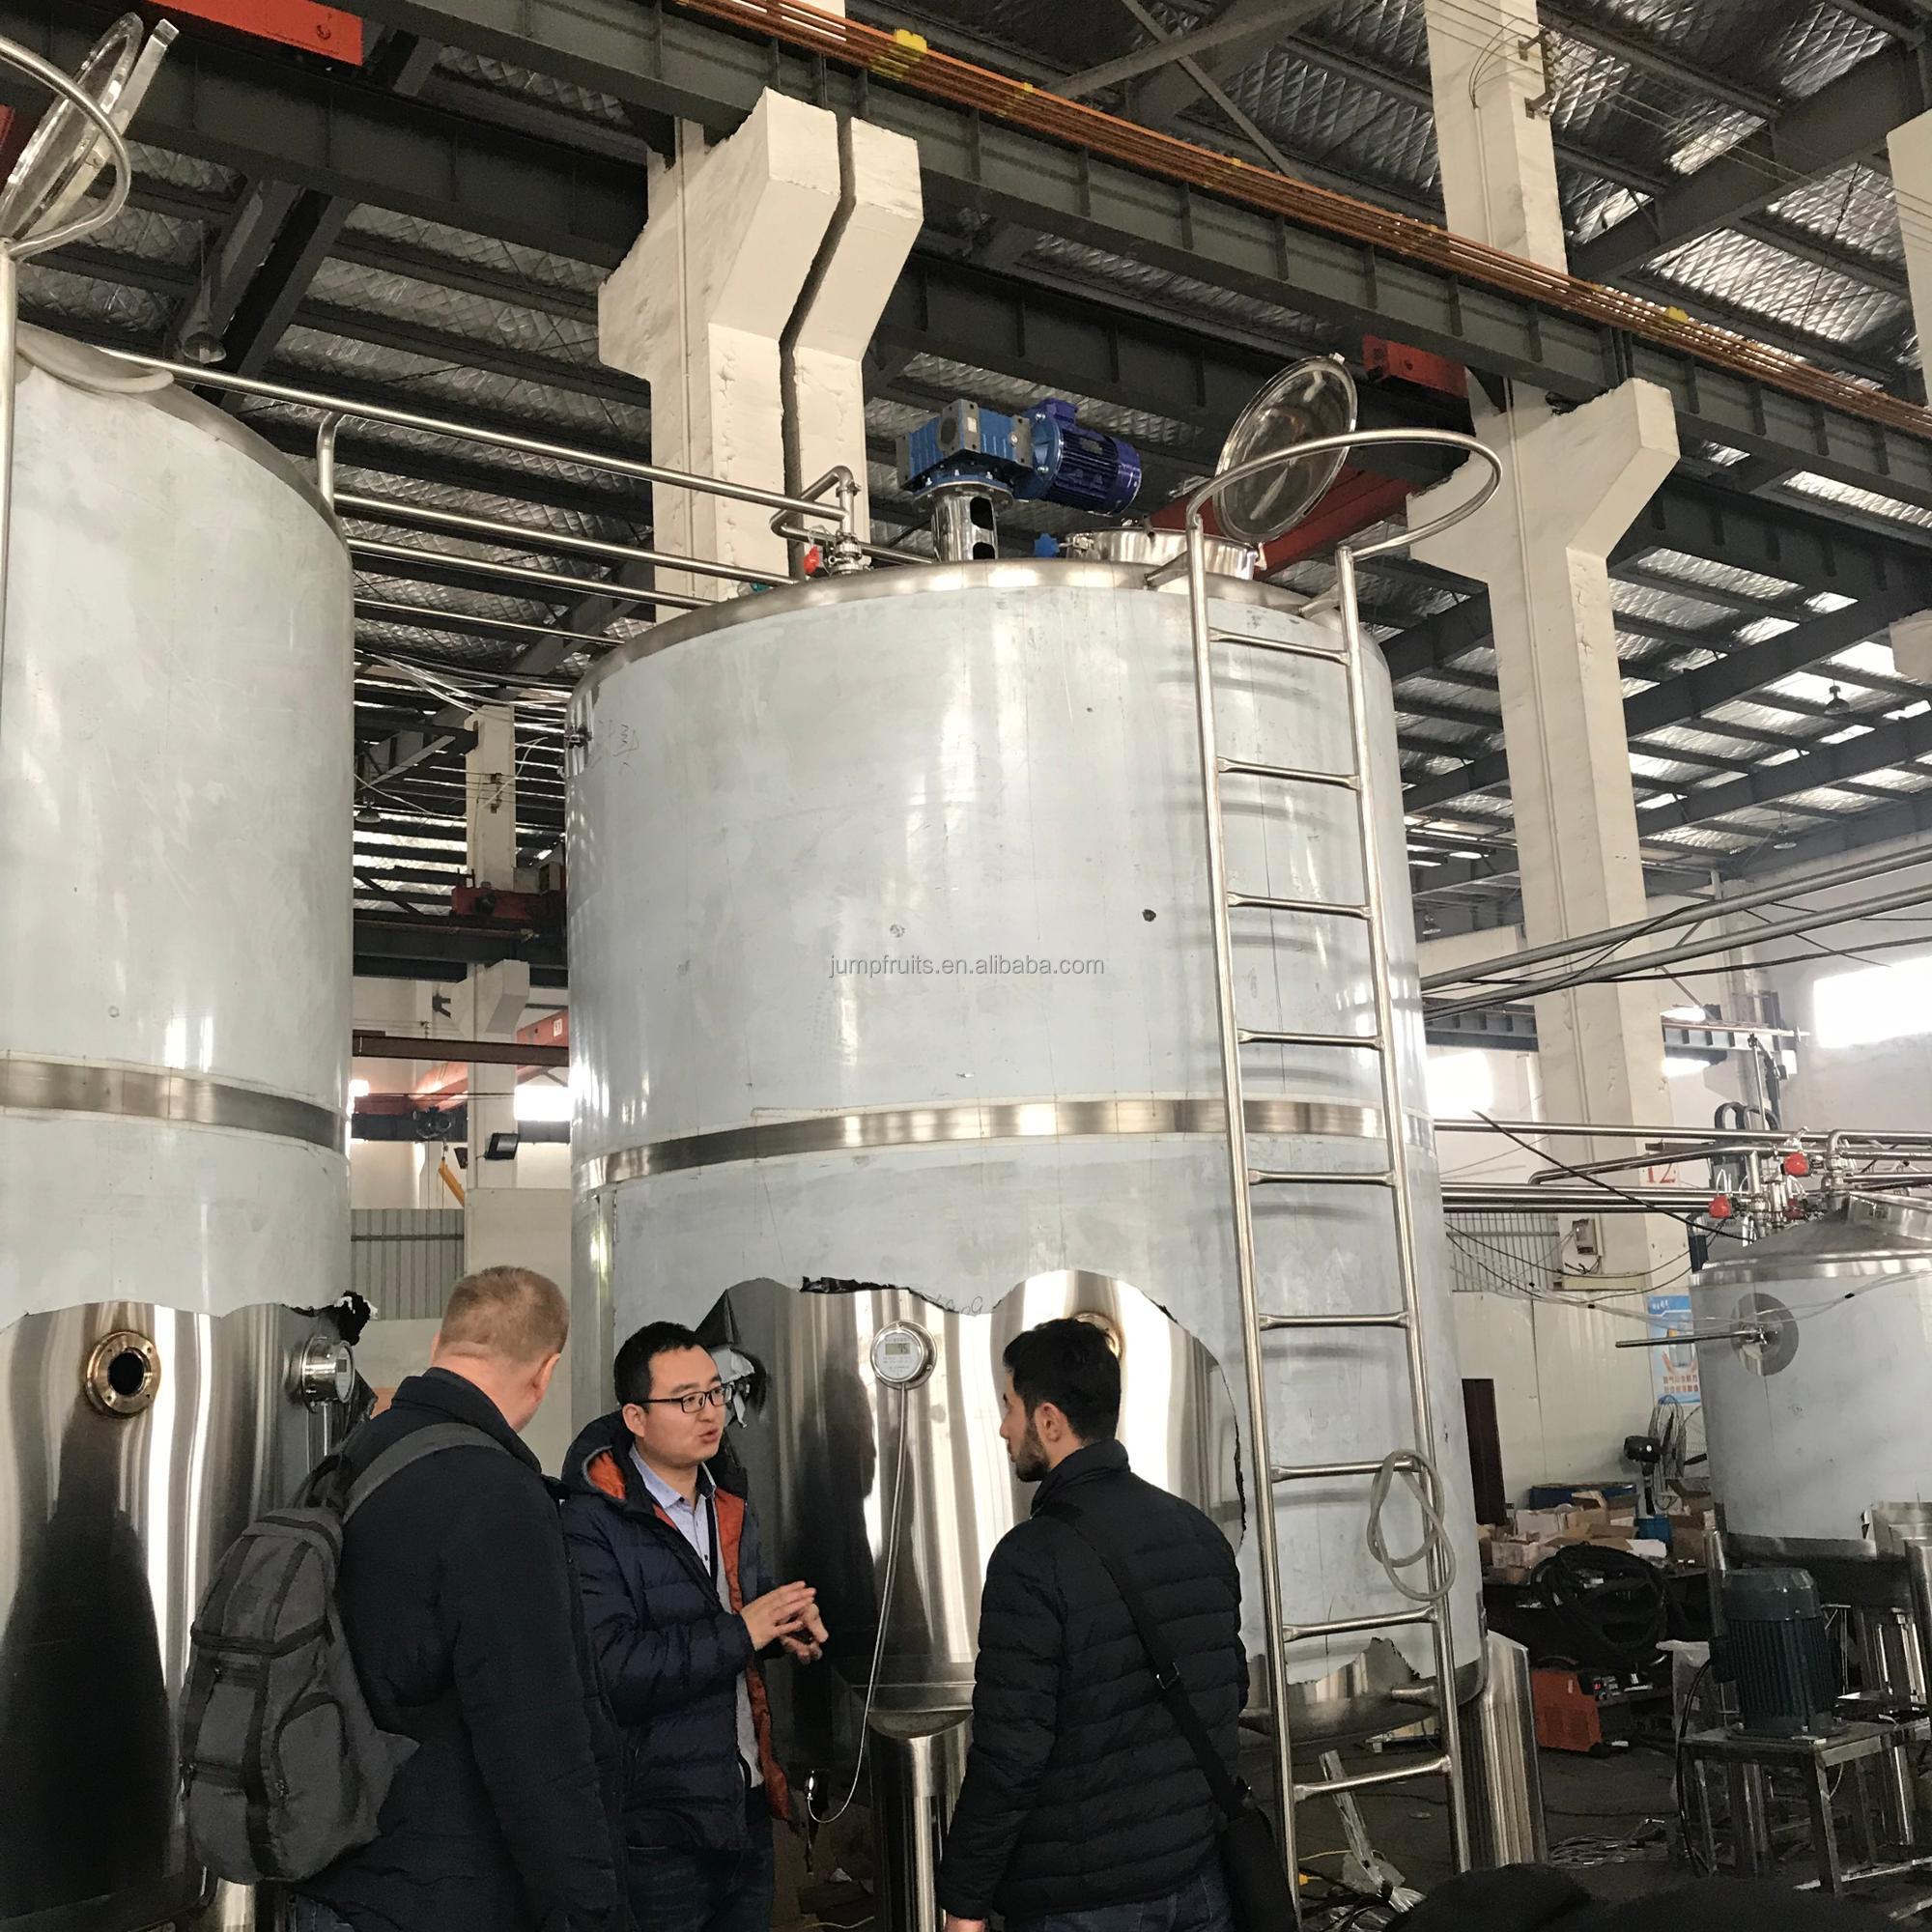 Wine Beer Boiler Equipment / Bolis Machine - Buy Wine Making ... Homebrew Boiler Design Html on